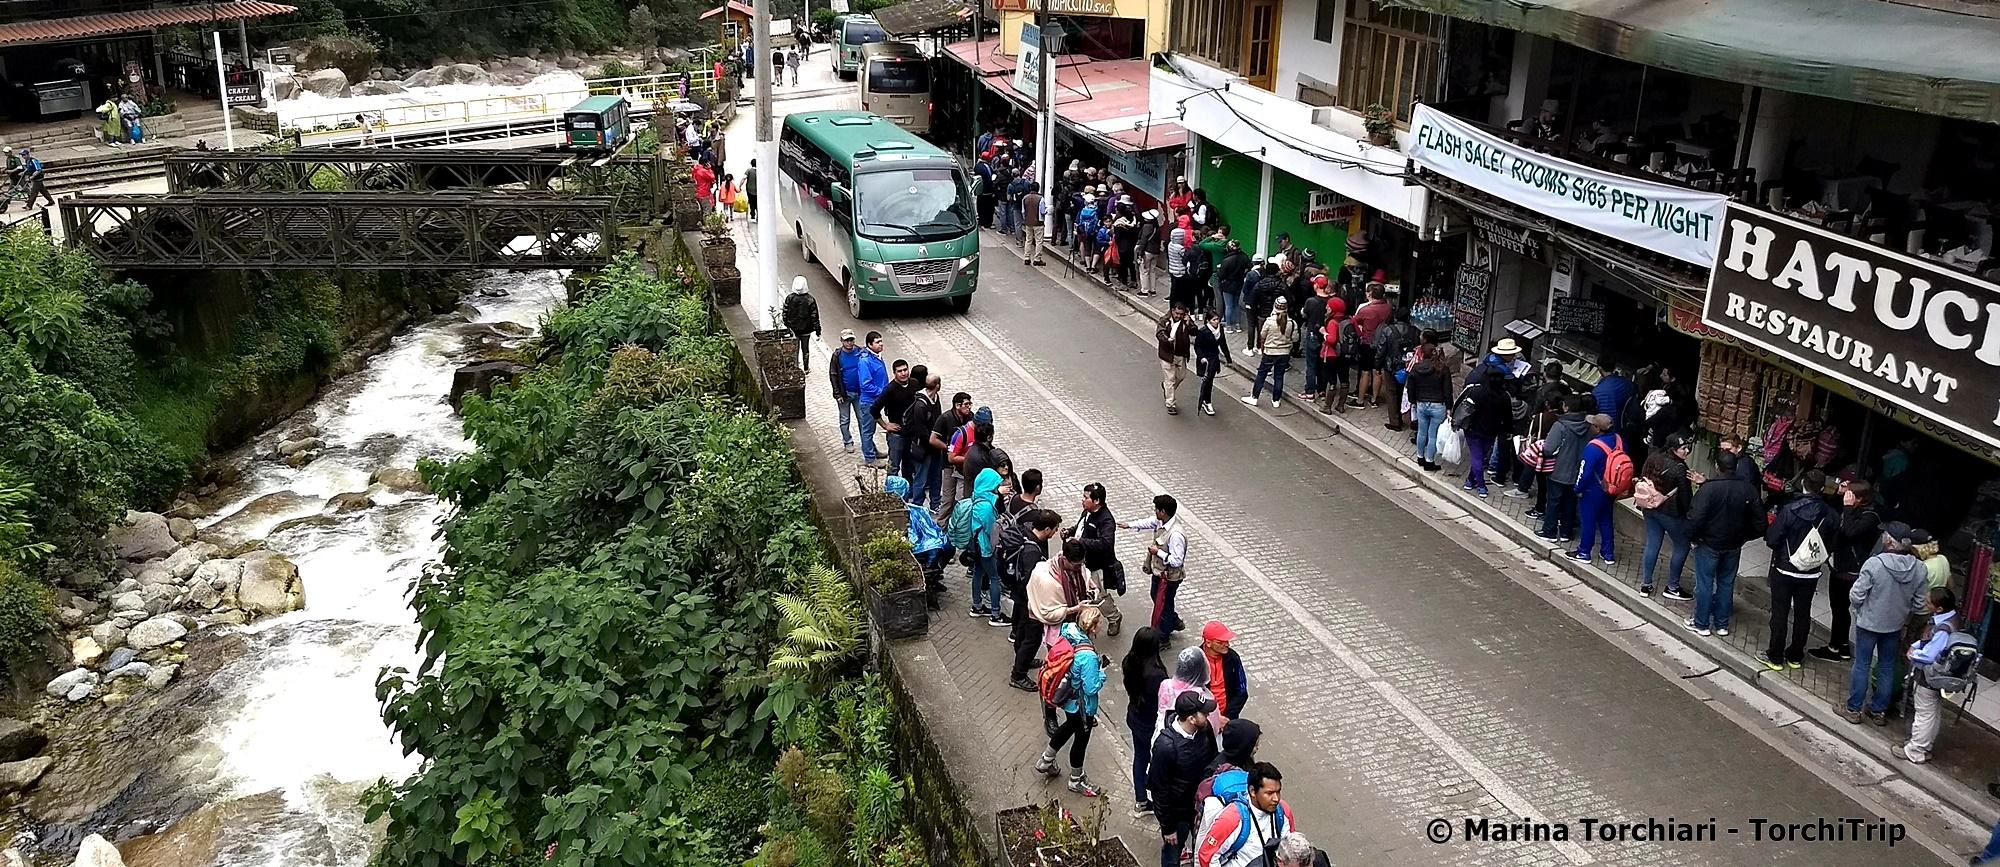 Machu Picchu pueblo: Izquierda, colas para el ticket - Derecha, colas pars subir al minibus